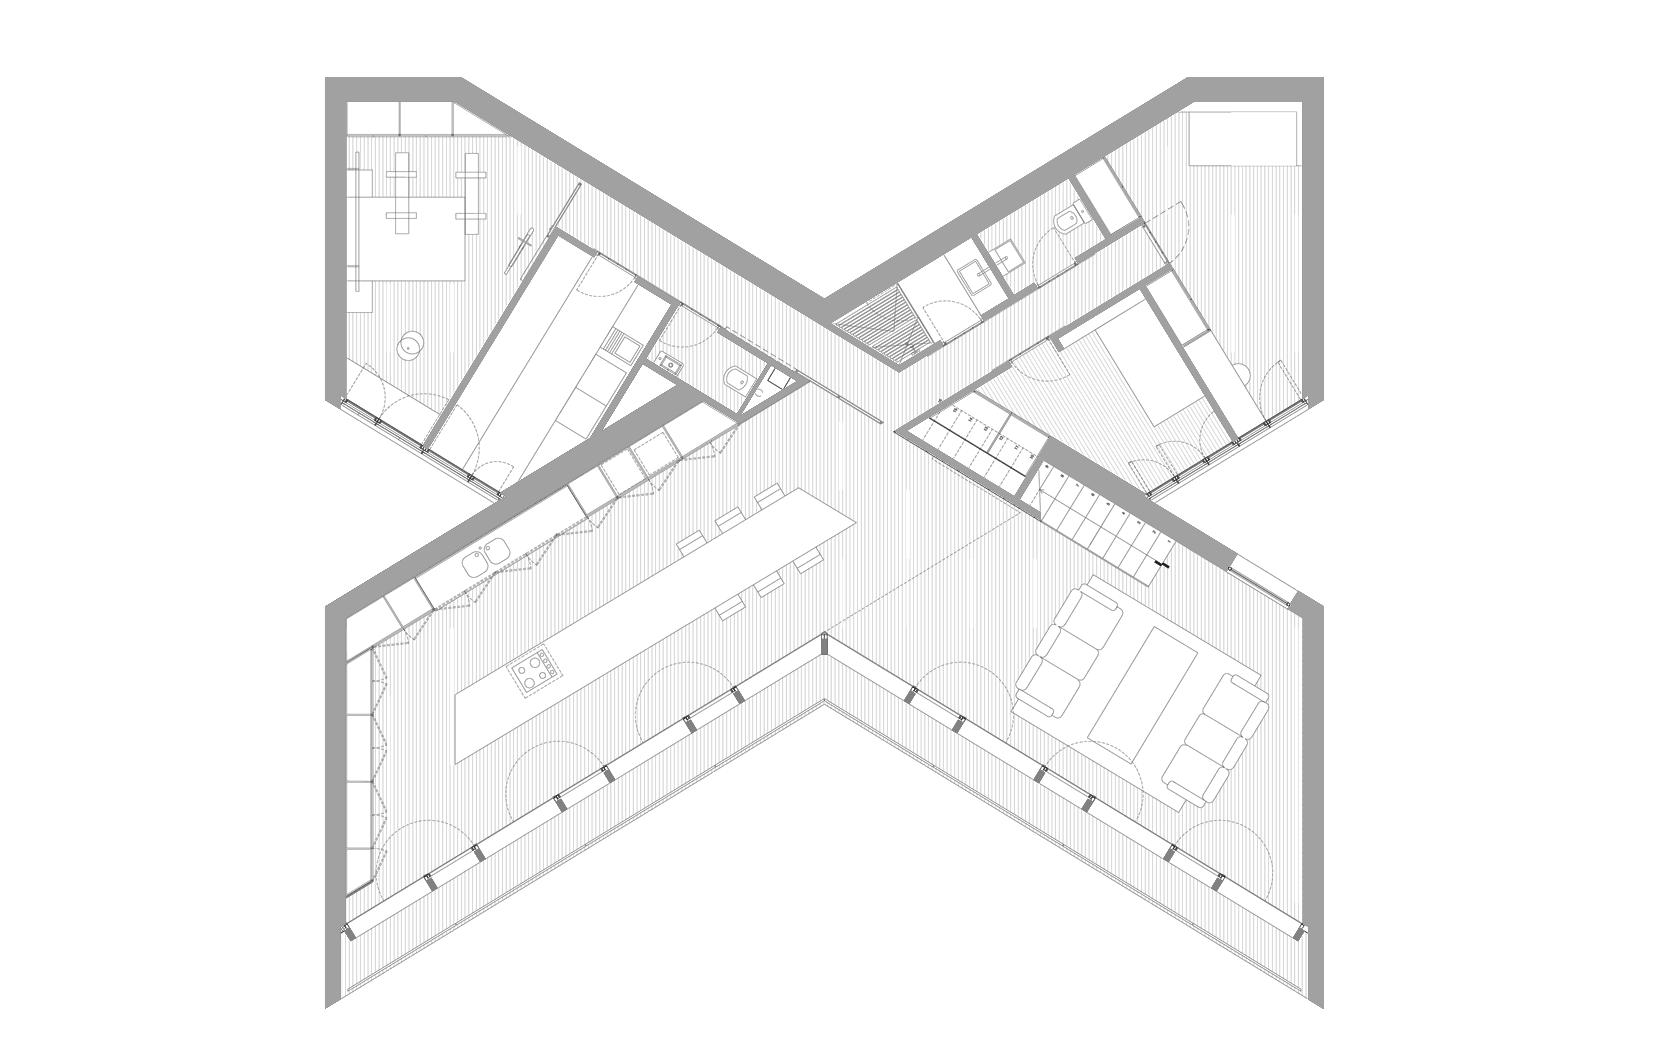 Casa X / Cadaval & Solà-Morales